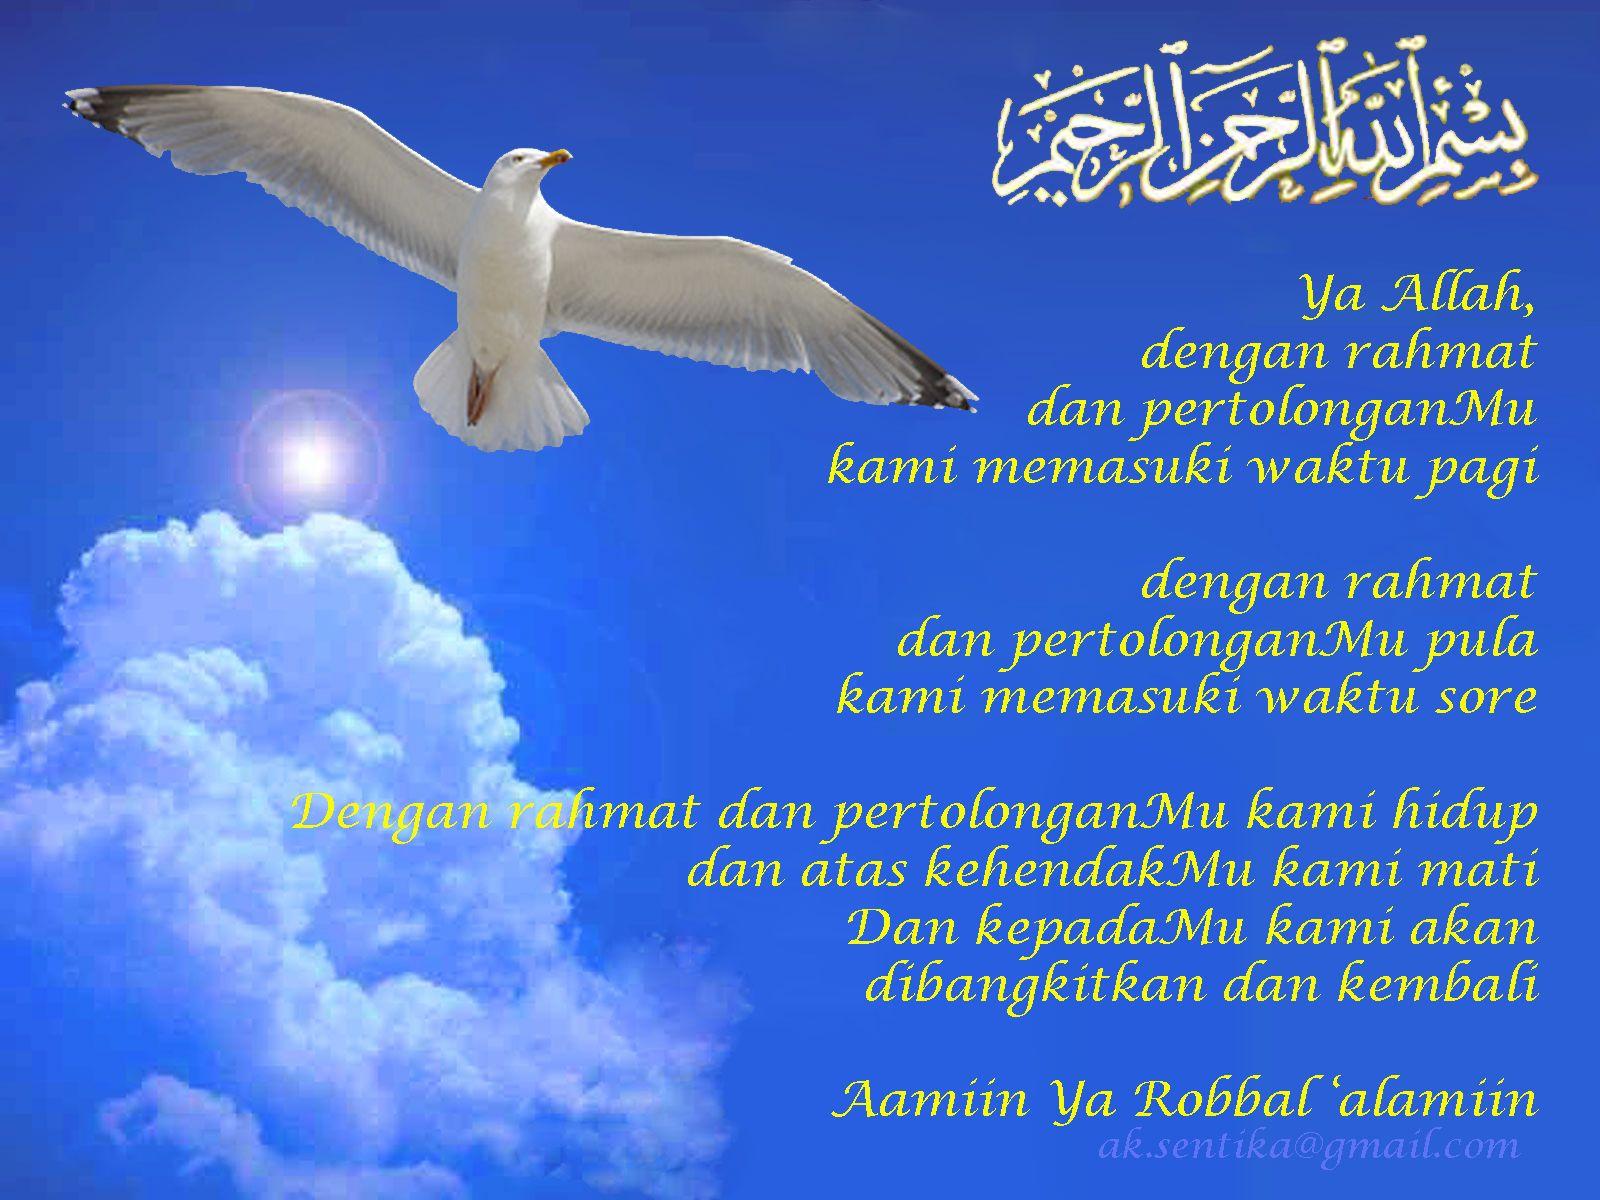 Doa Pagi Hari Doa Islam Pinterest Doa Doa Islam And Islam